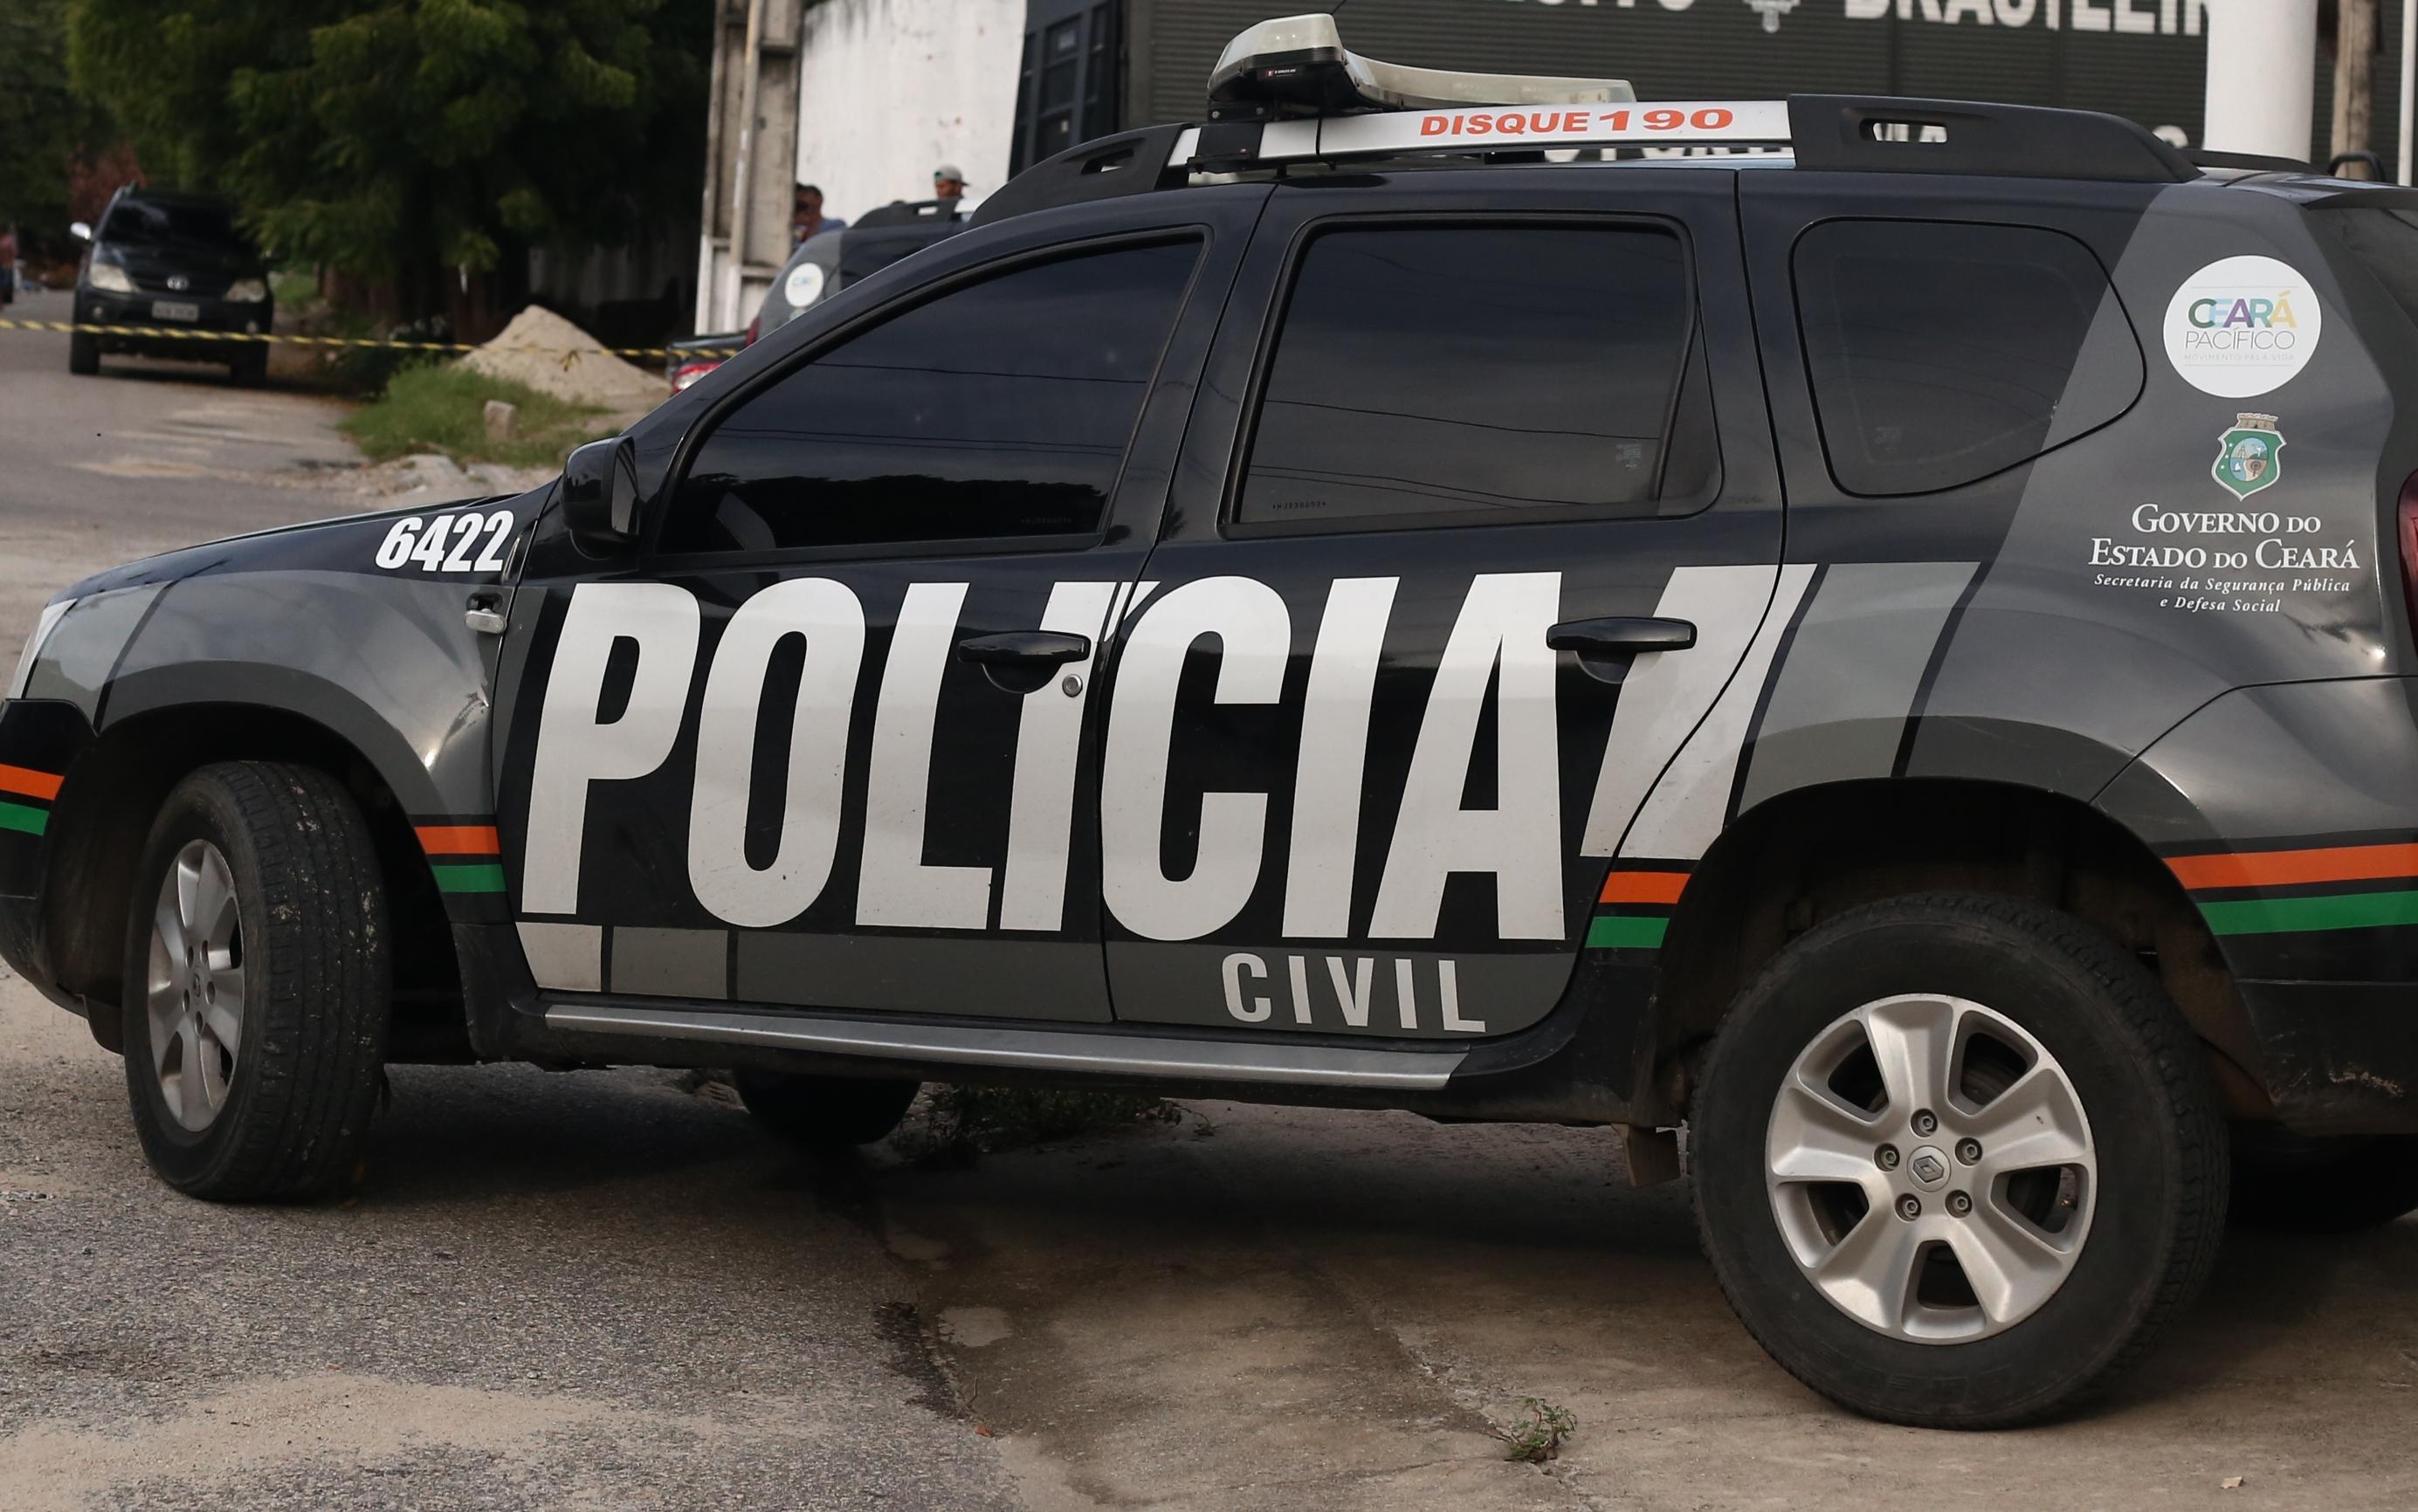 Policiais do NCTD apreendem 500 comprimidos de ecstasy e prendem suspeito